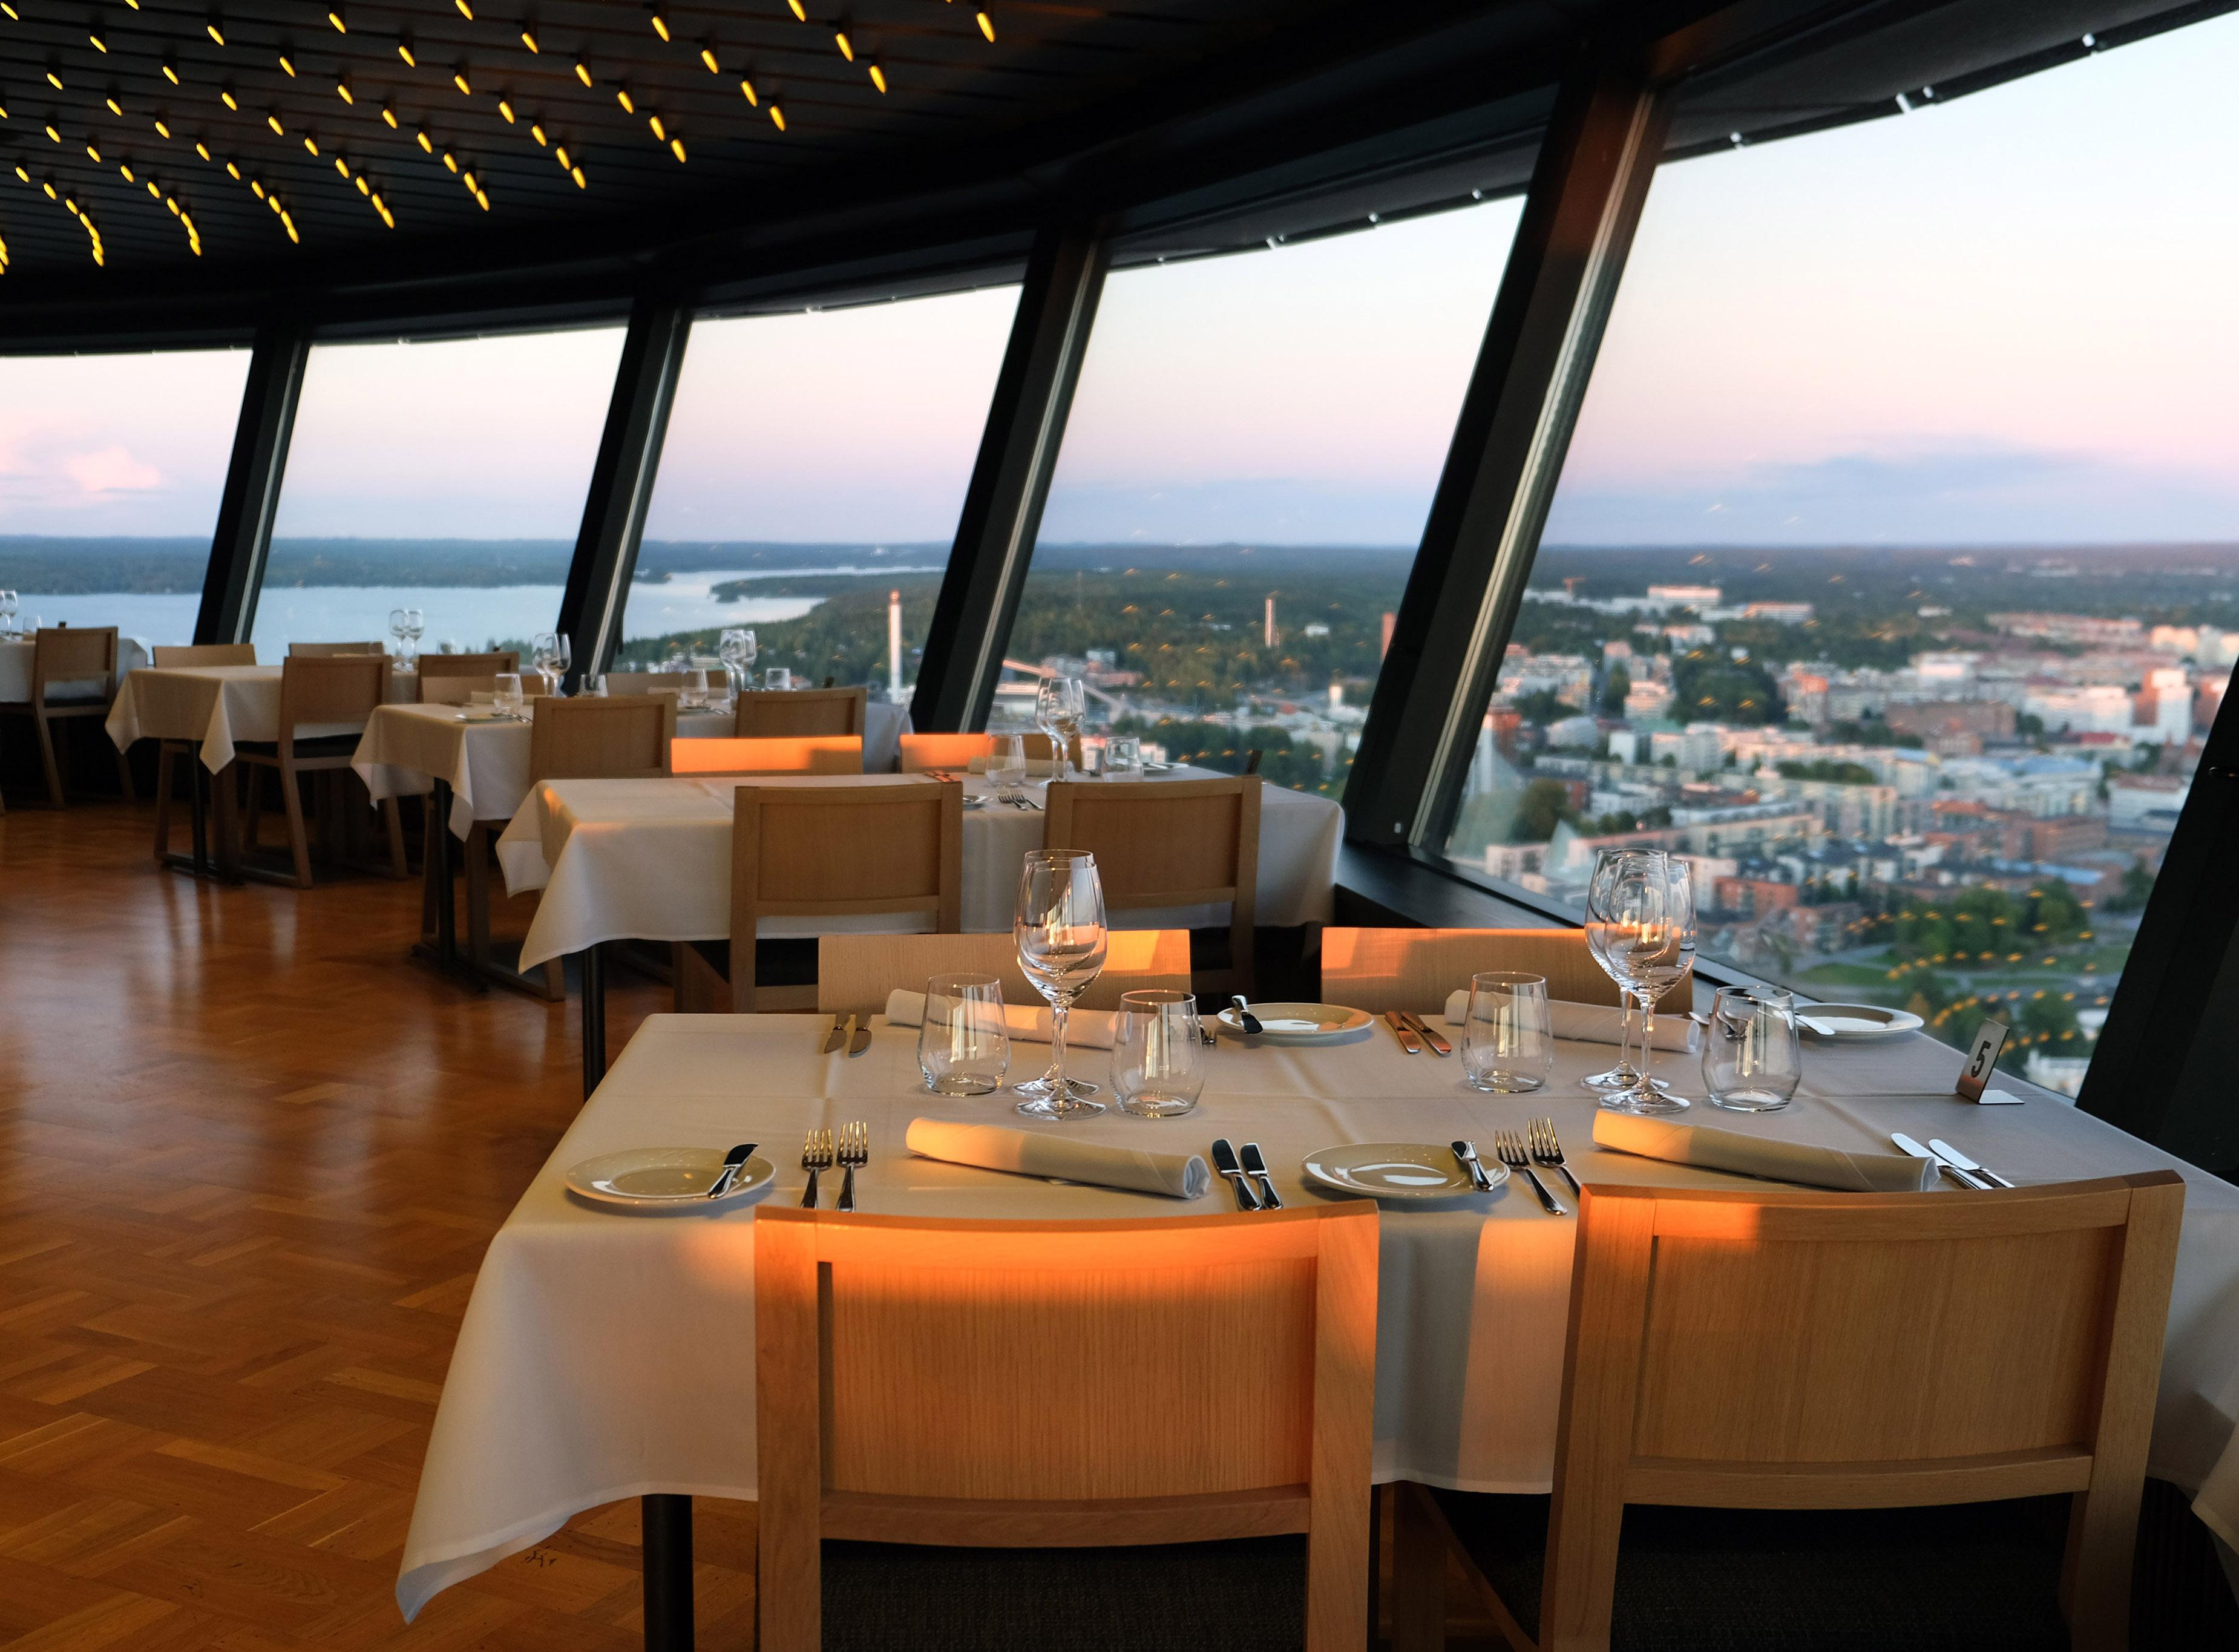 Revolving restaurant - Wikipedia